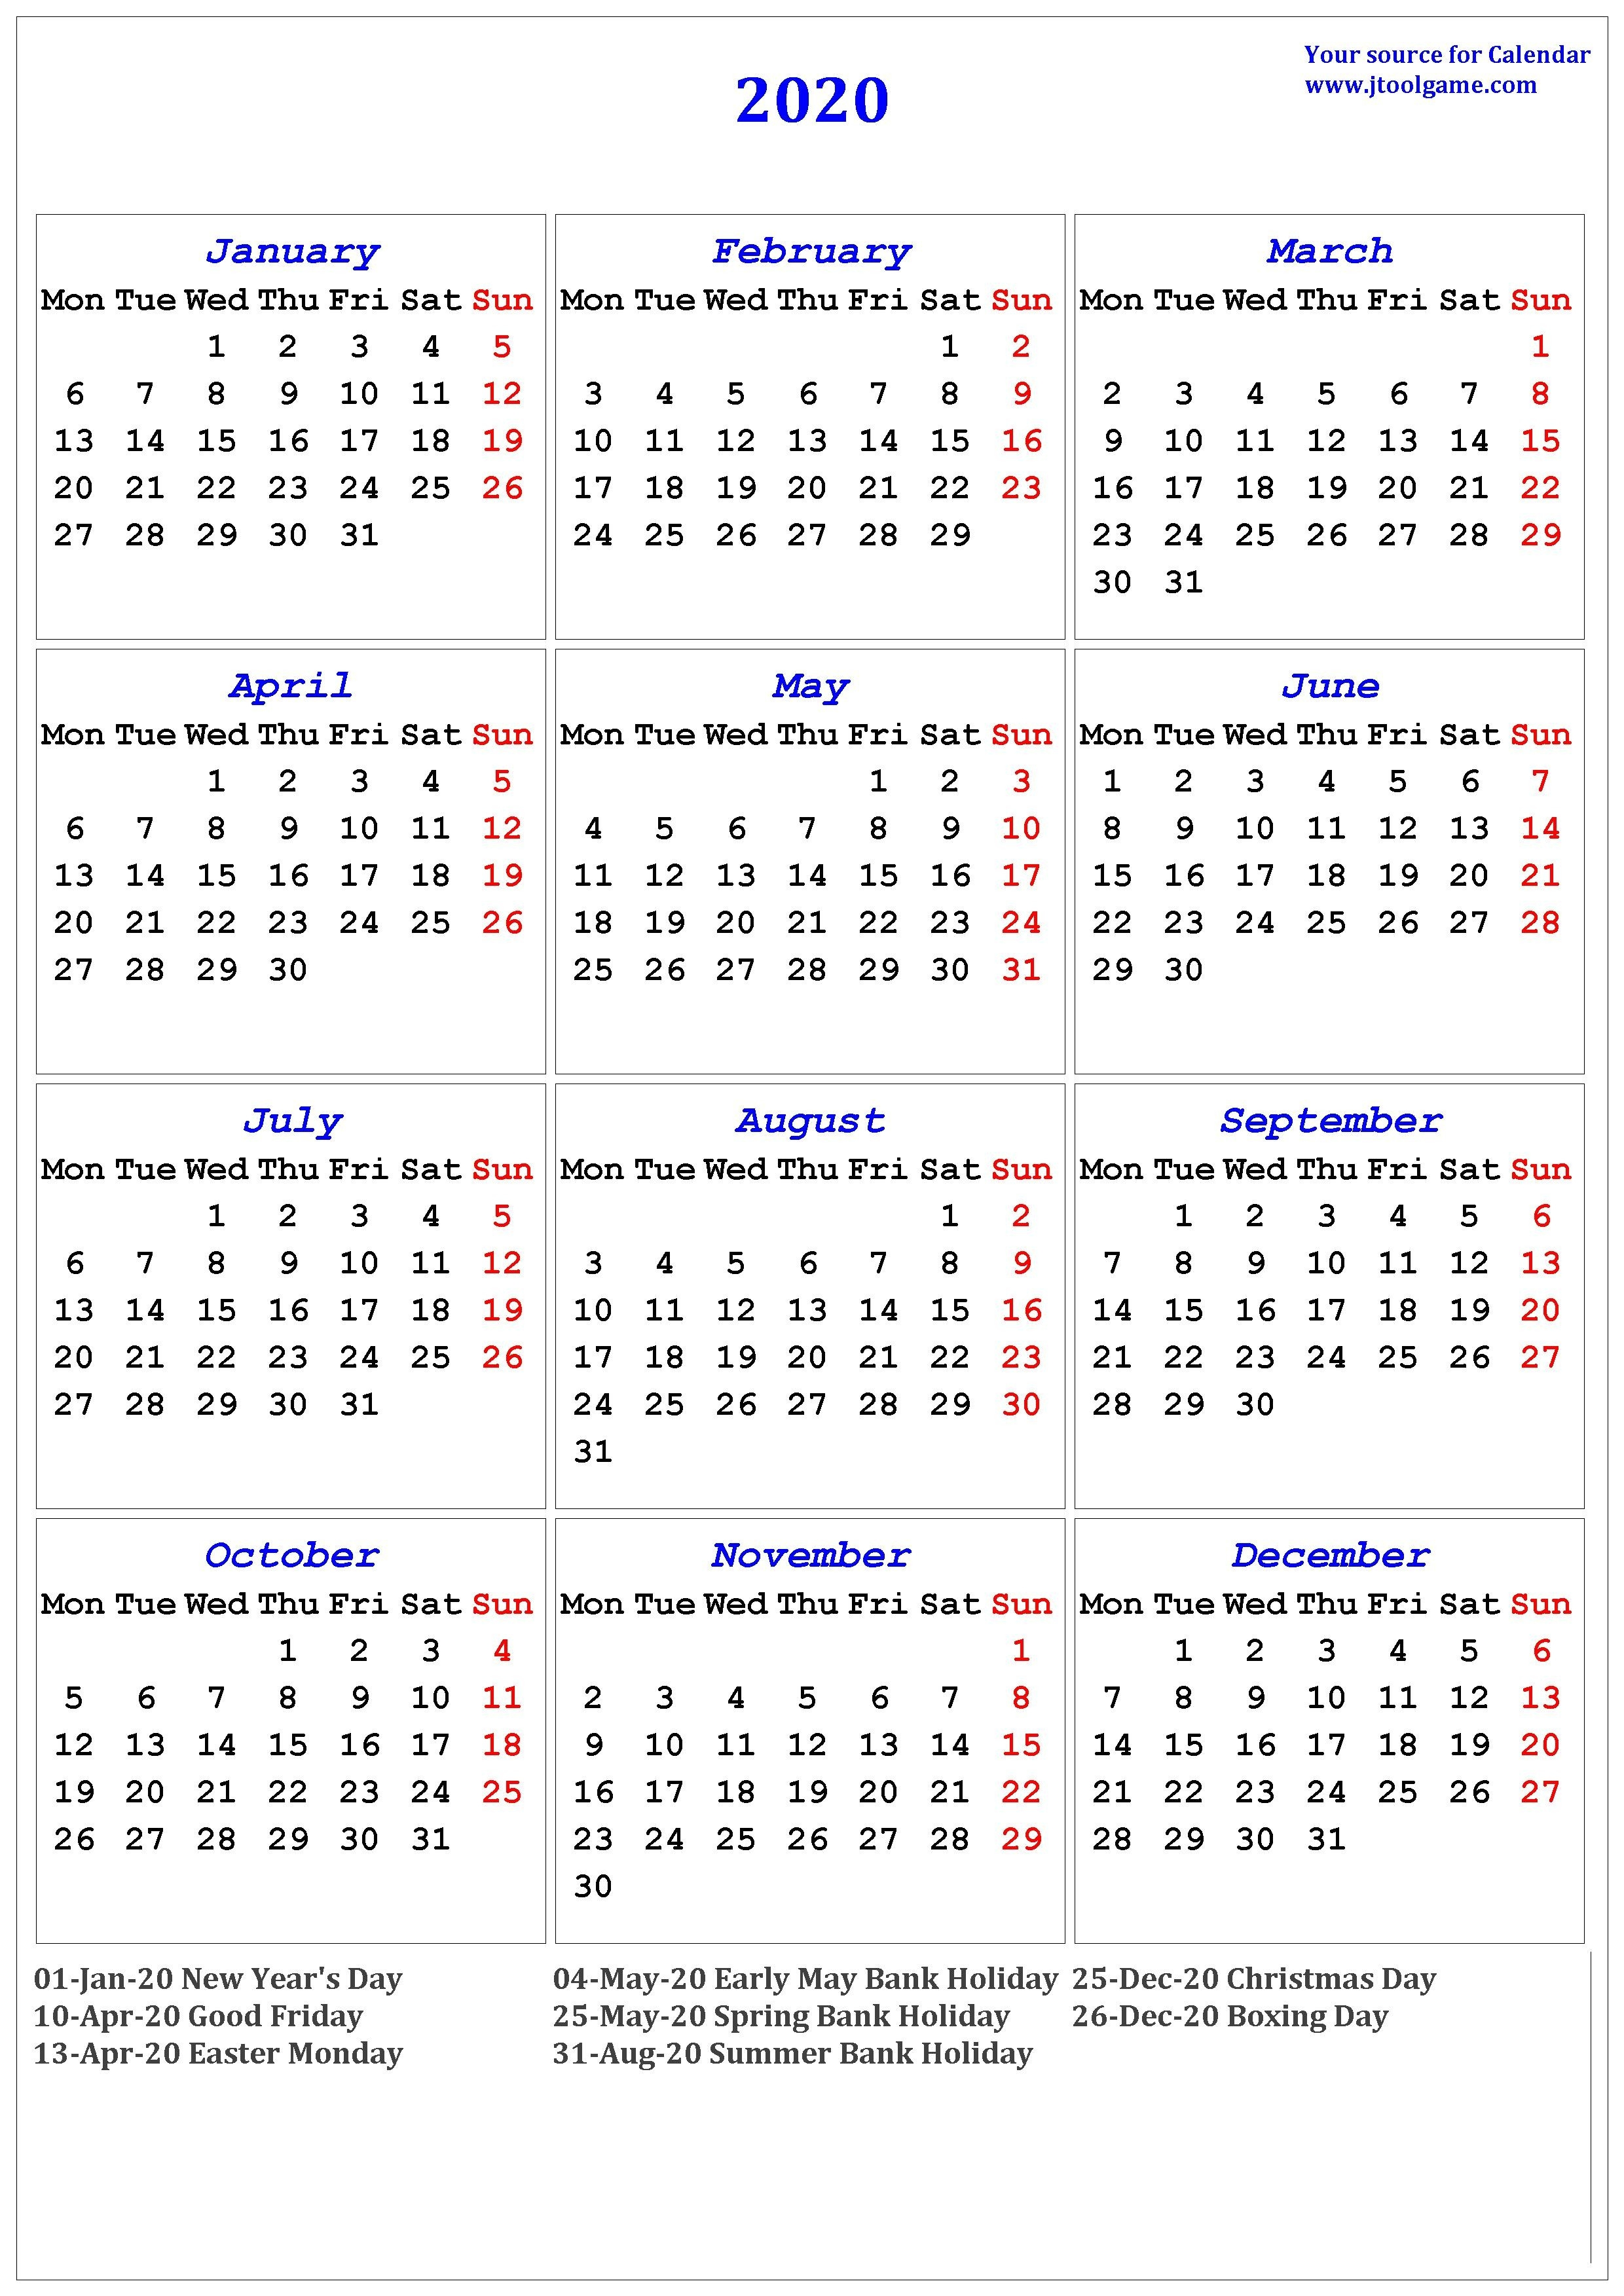 2020 Calendar With Uk Bank Holidays | Calendar Template ...